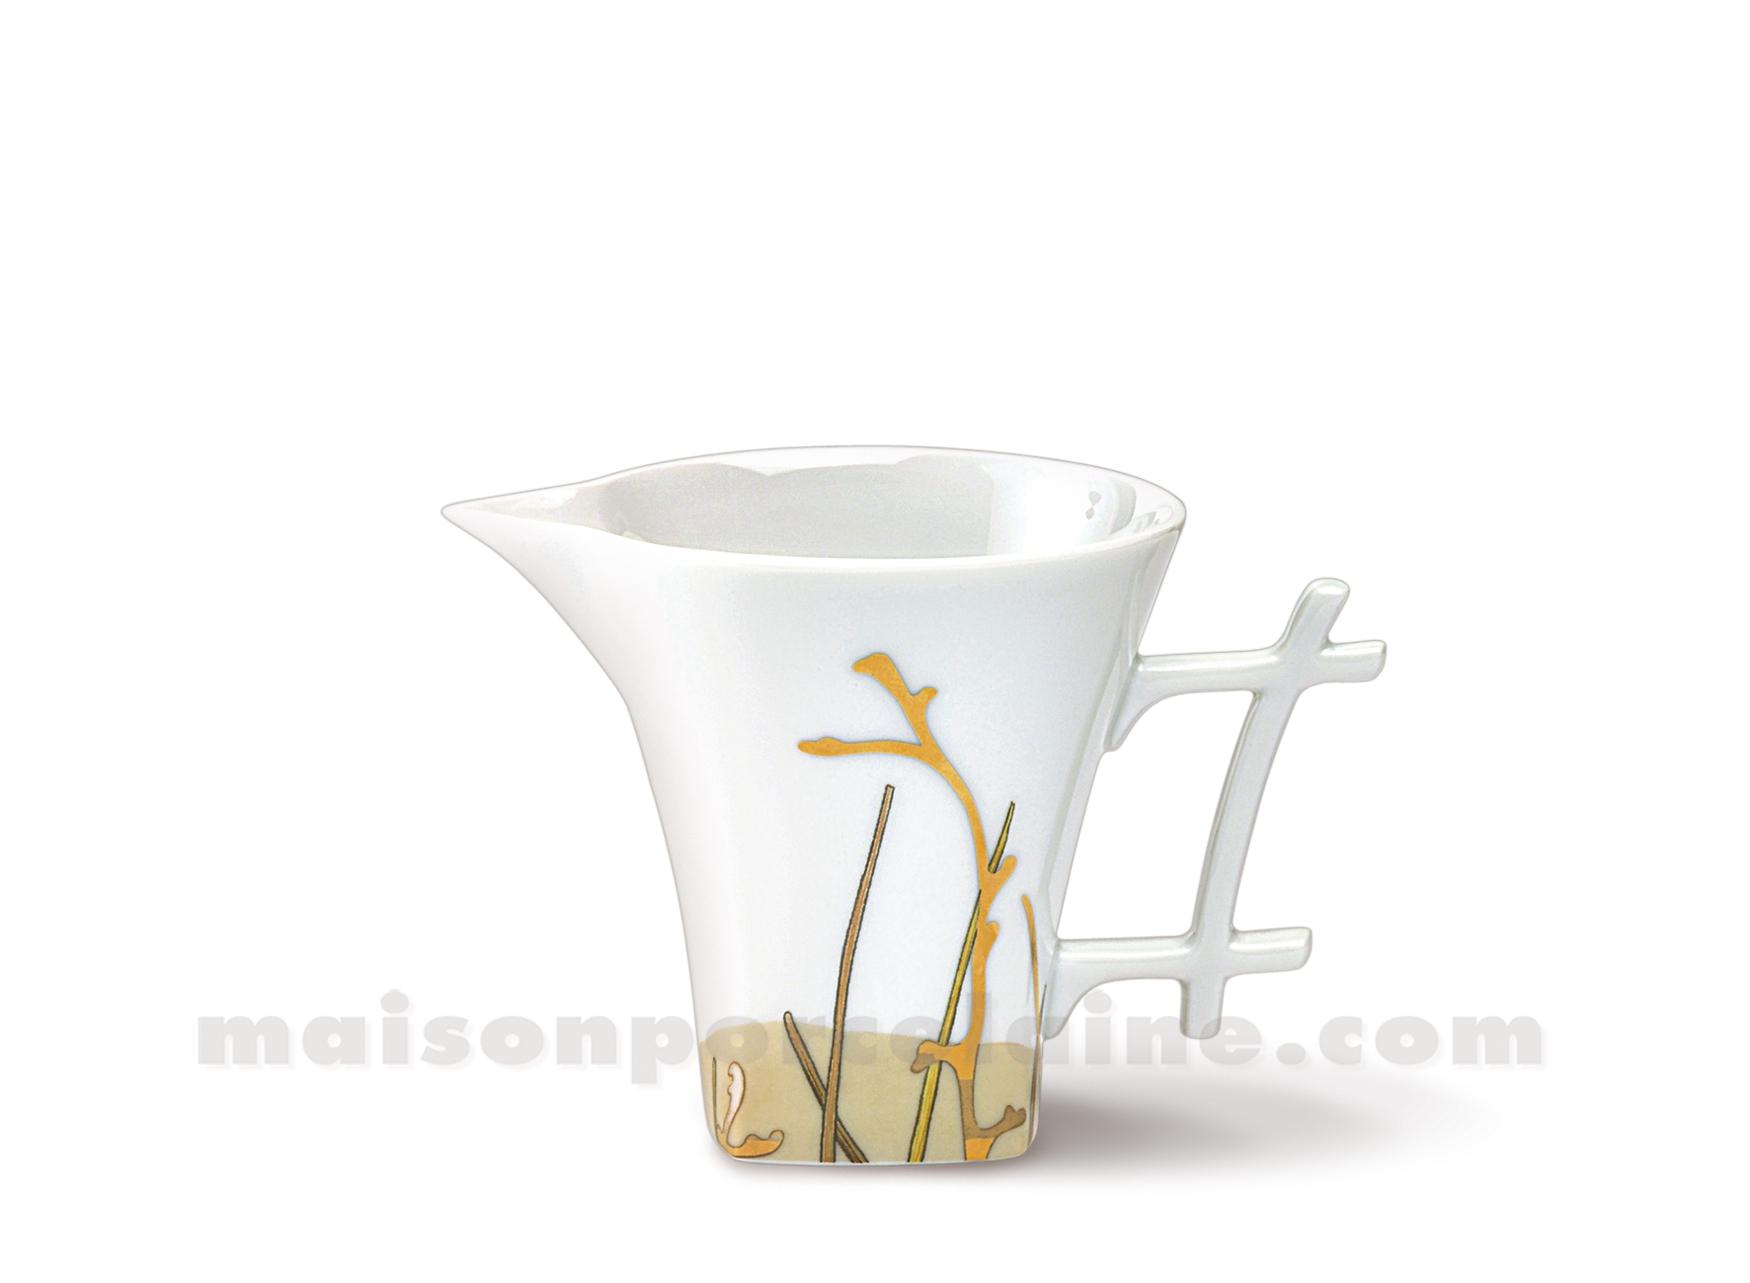 Cremier oxygene 14cl maison de la porcelaine for Avis maison oxygene